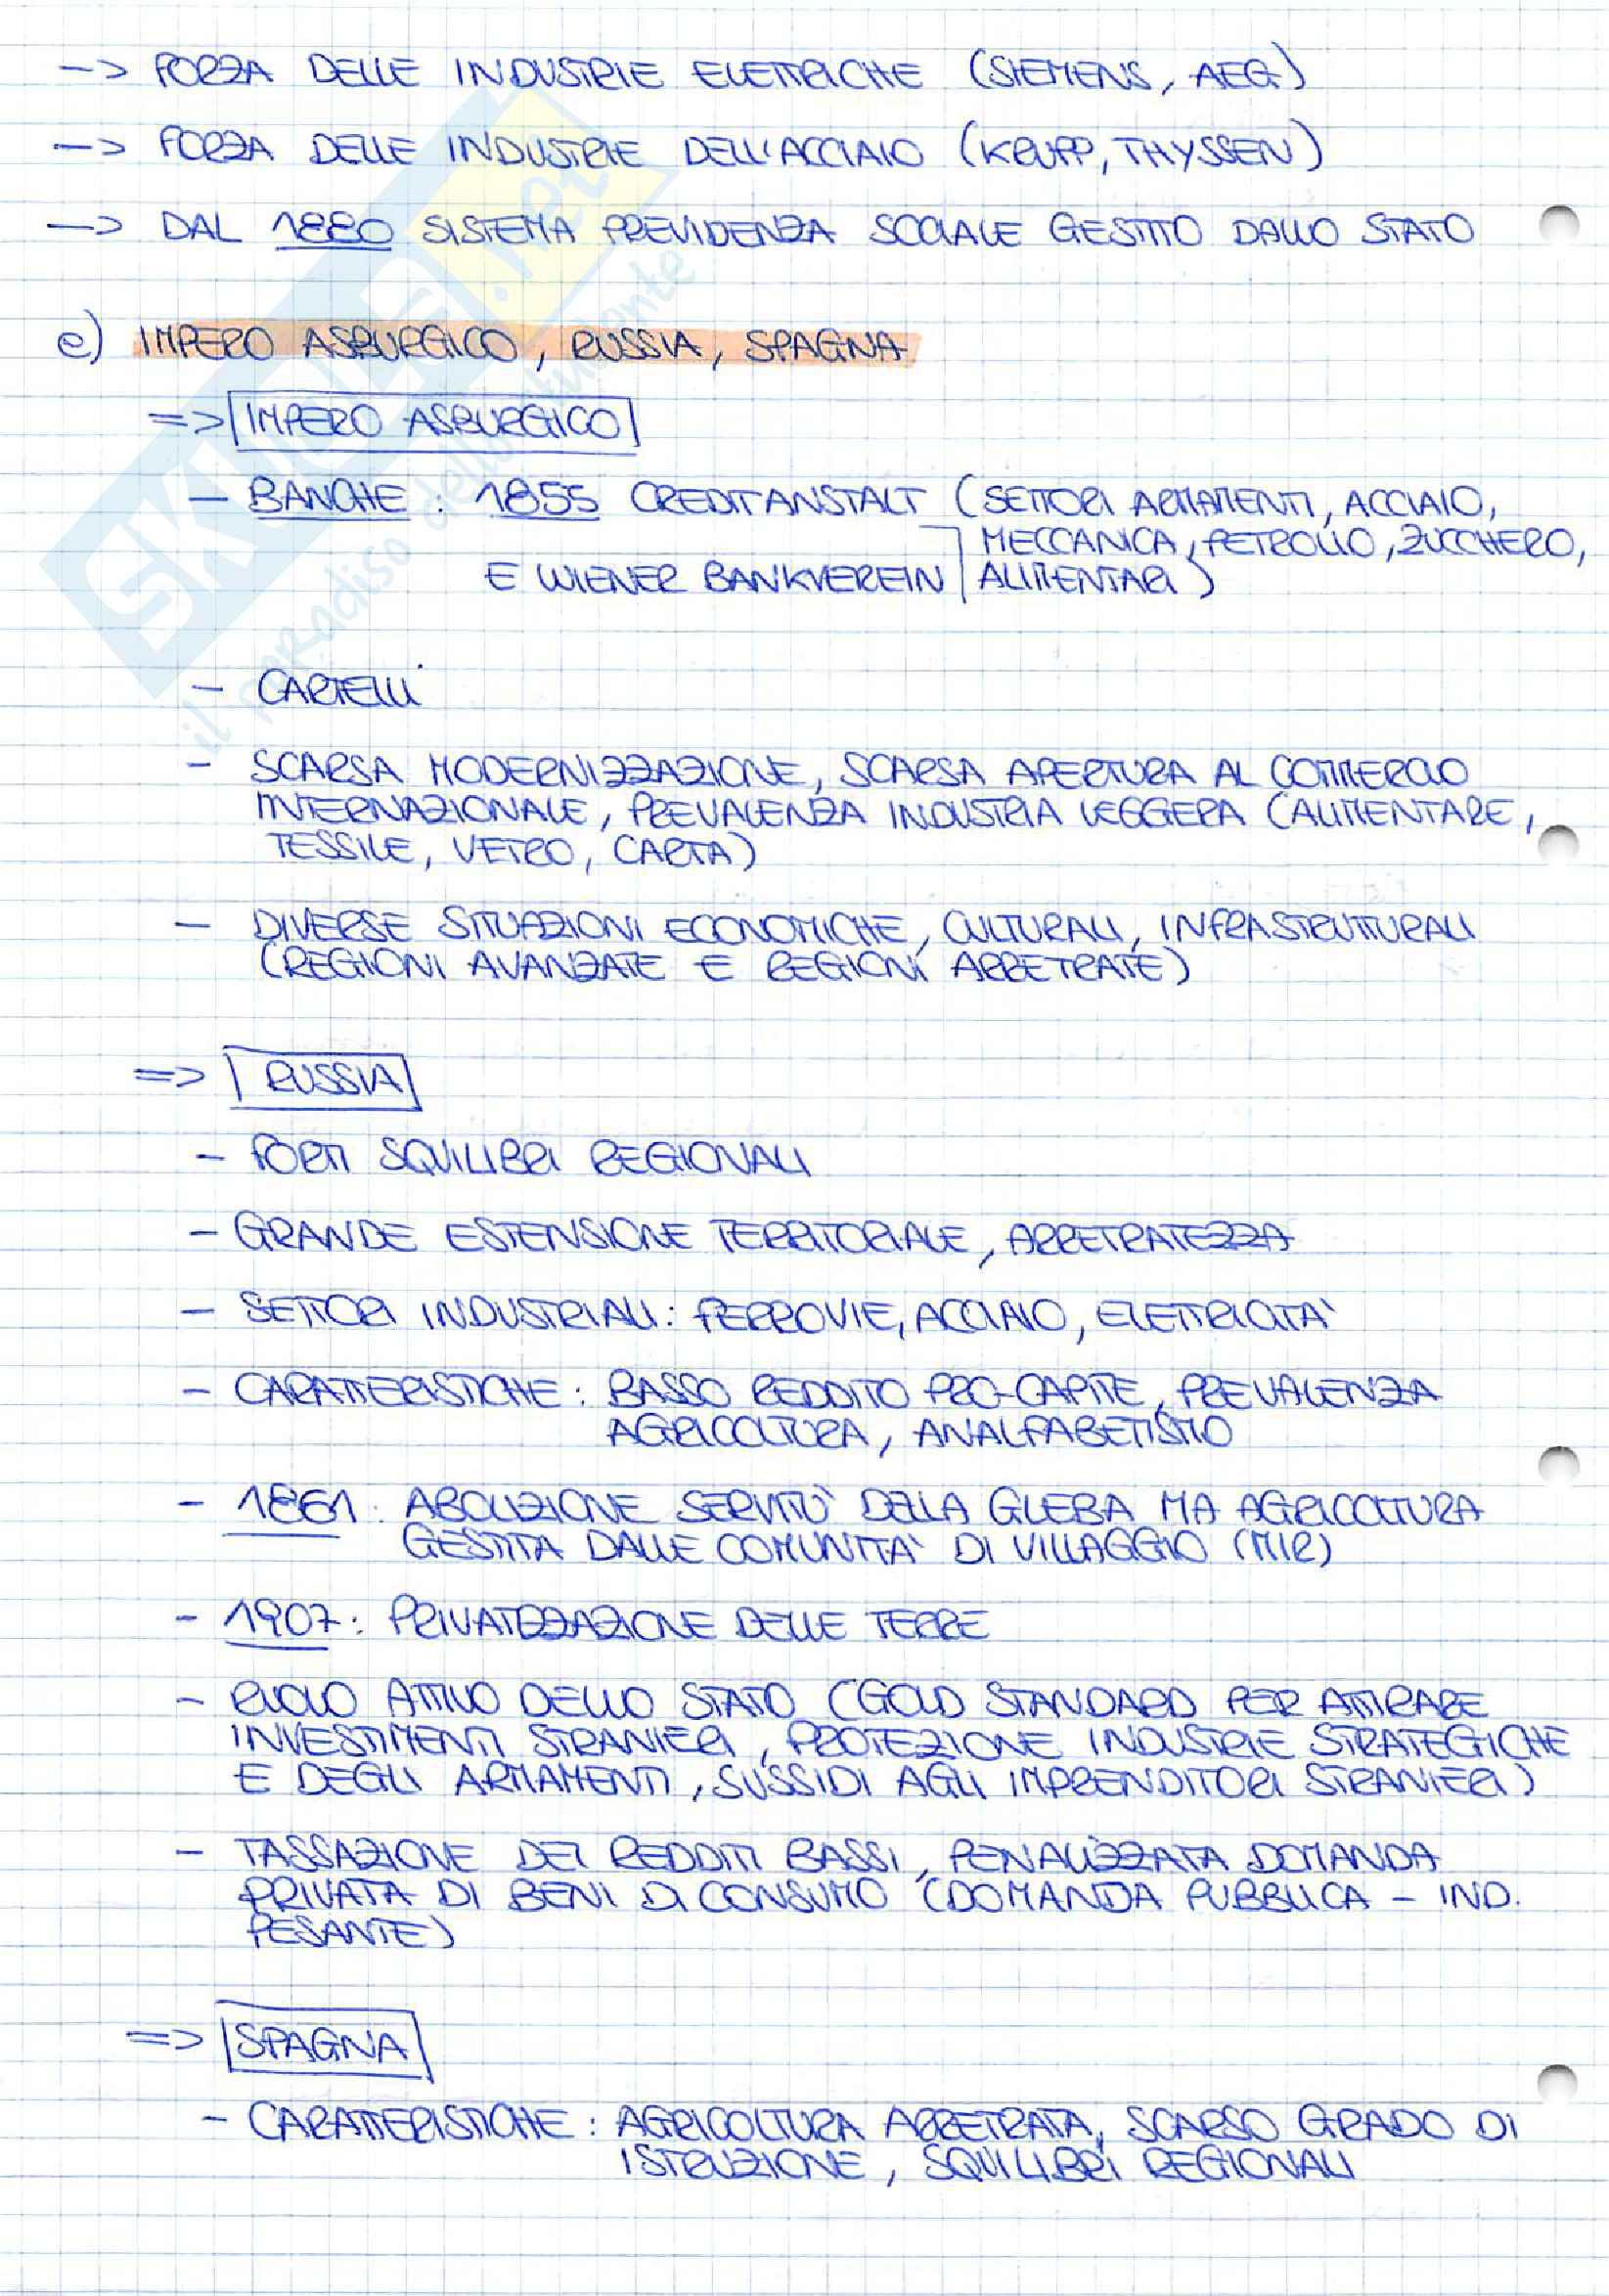 Appunti completi di Storia Economica Pag. 46